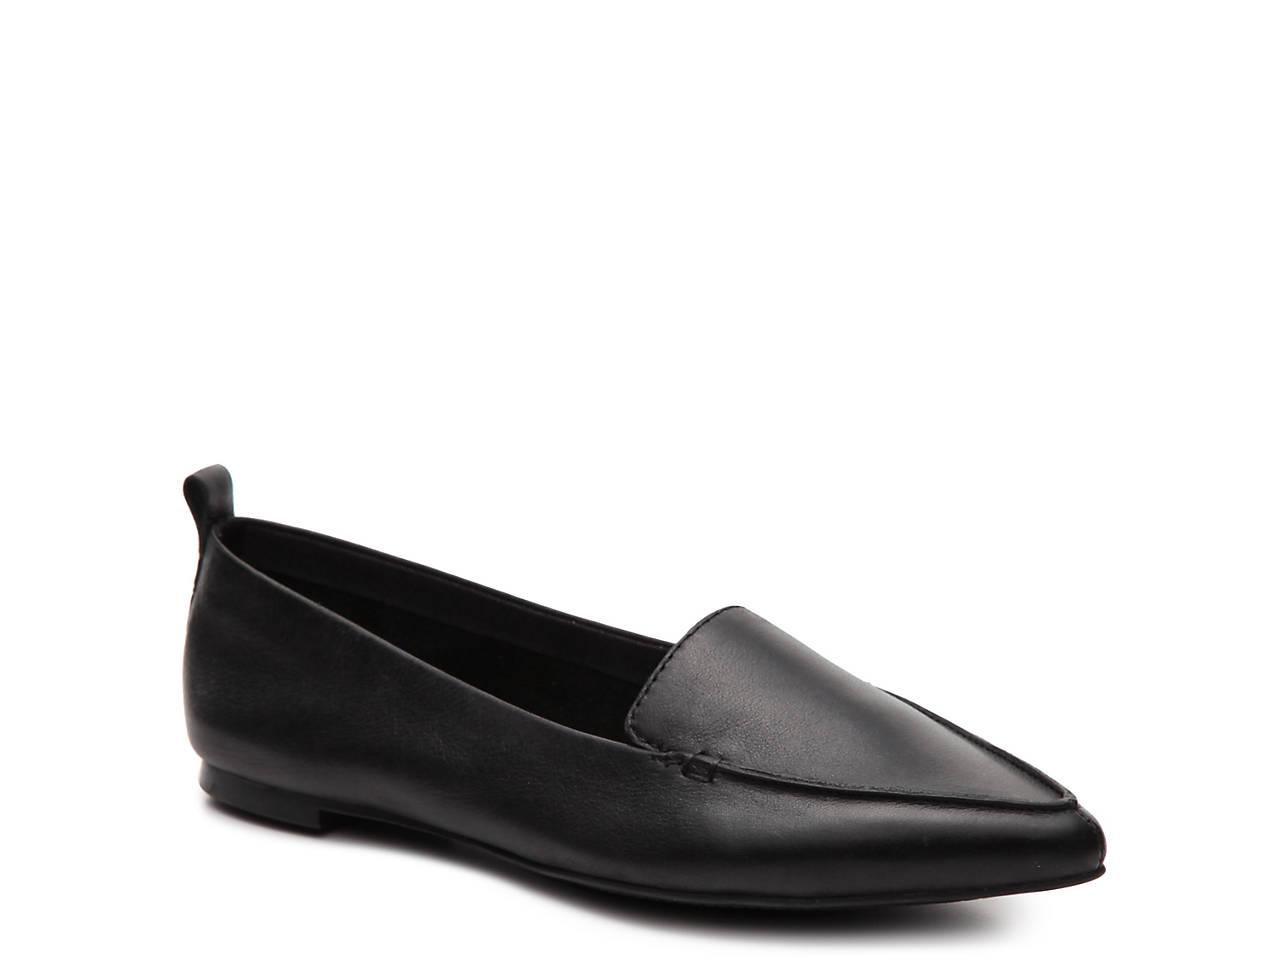 954392e84ed Aldo Galinsky Loafer Women s Shoes